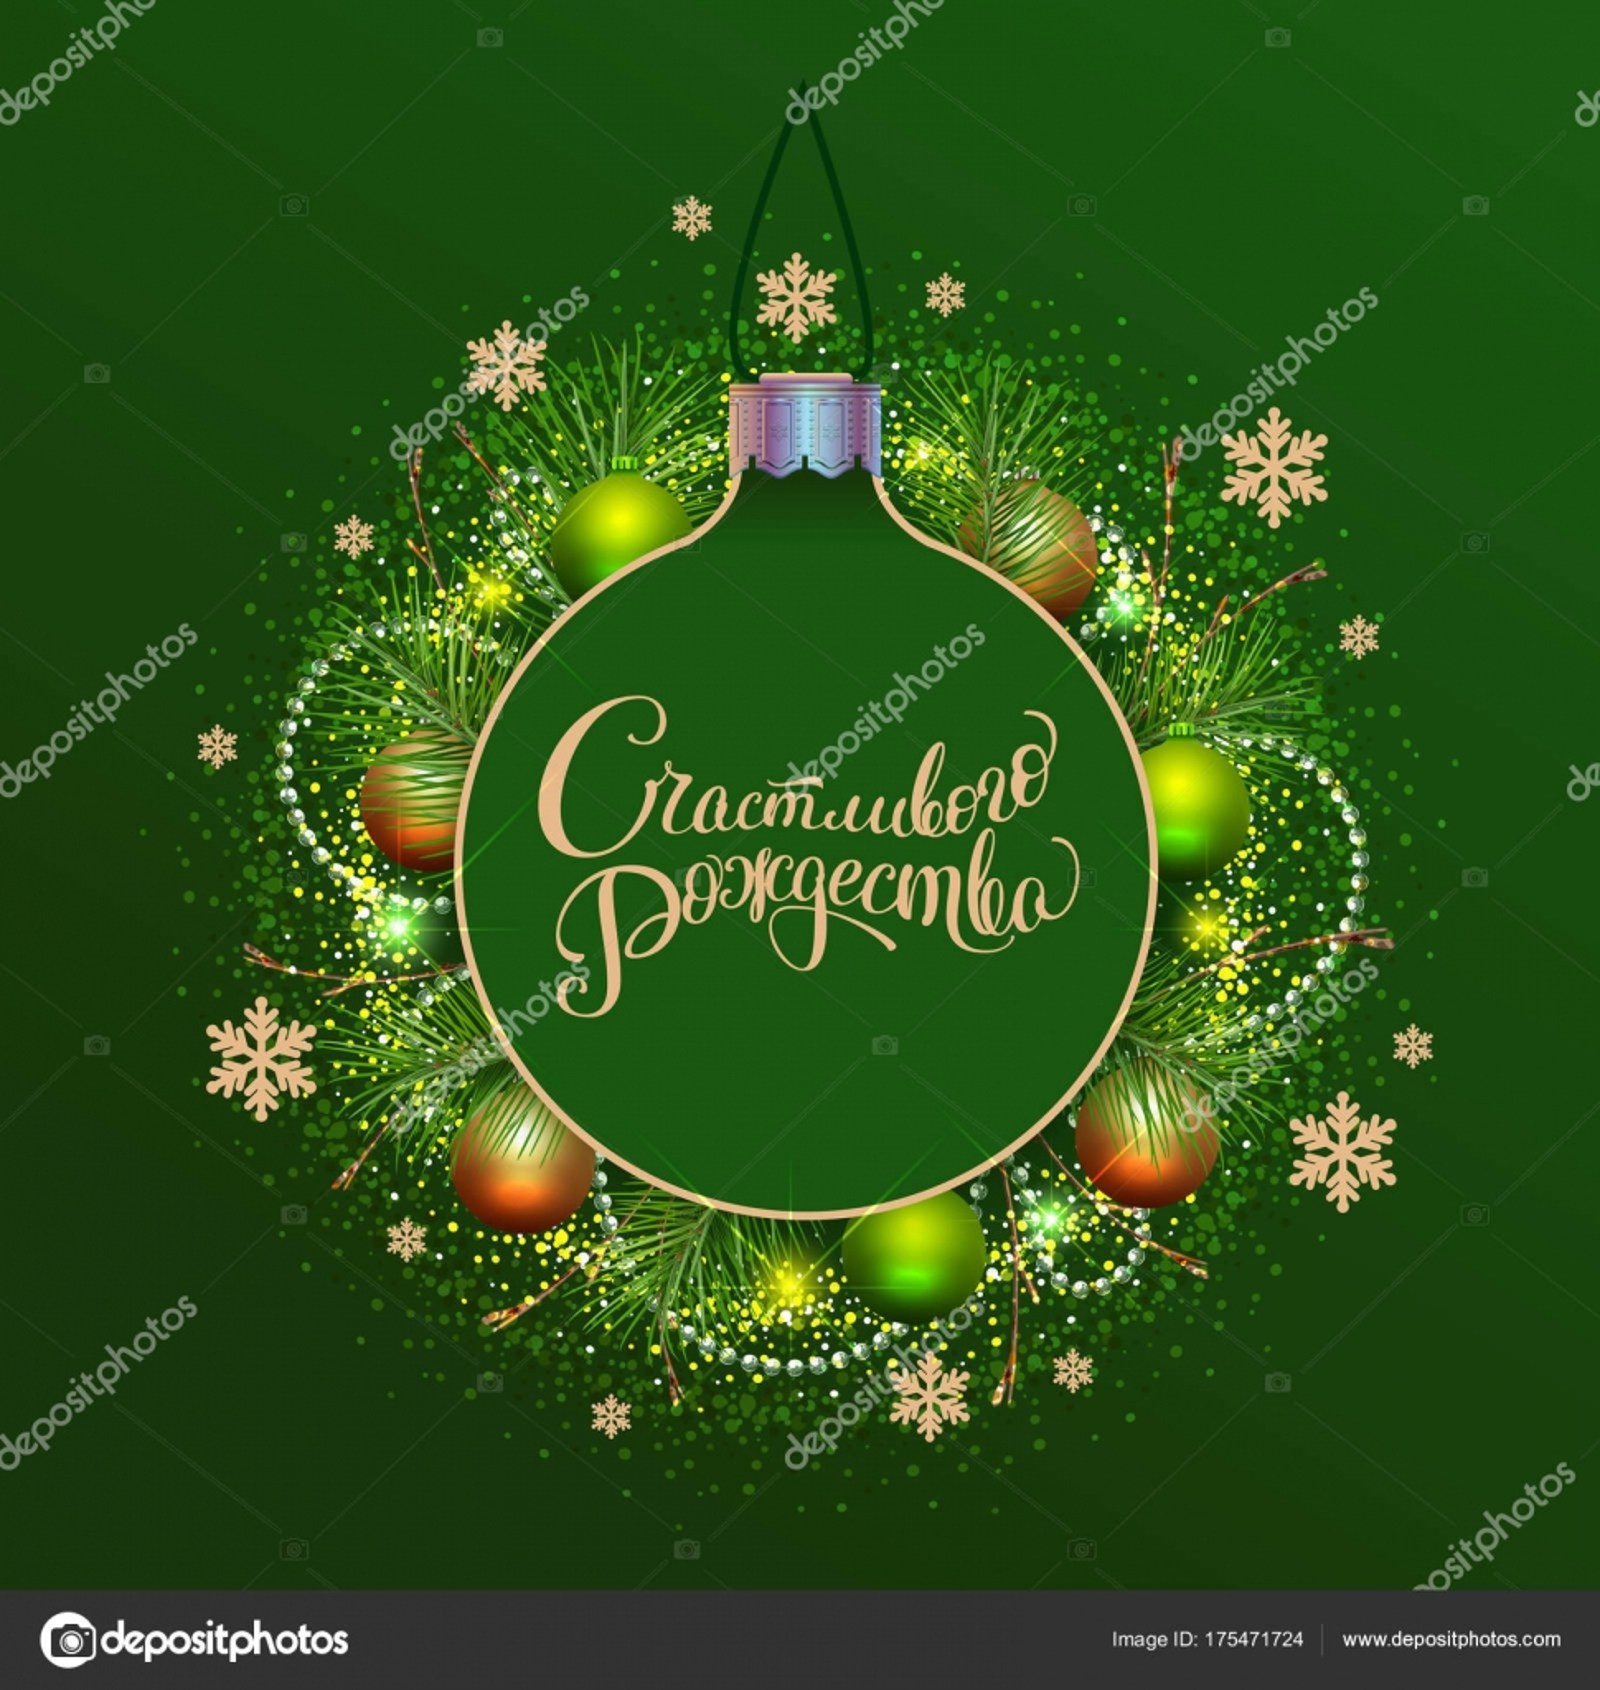 übersetzer Frohe Weihnachten.Green Ball Und Kiefer Tanne Kranz Adventskranz Frohe Weihnachten